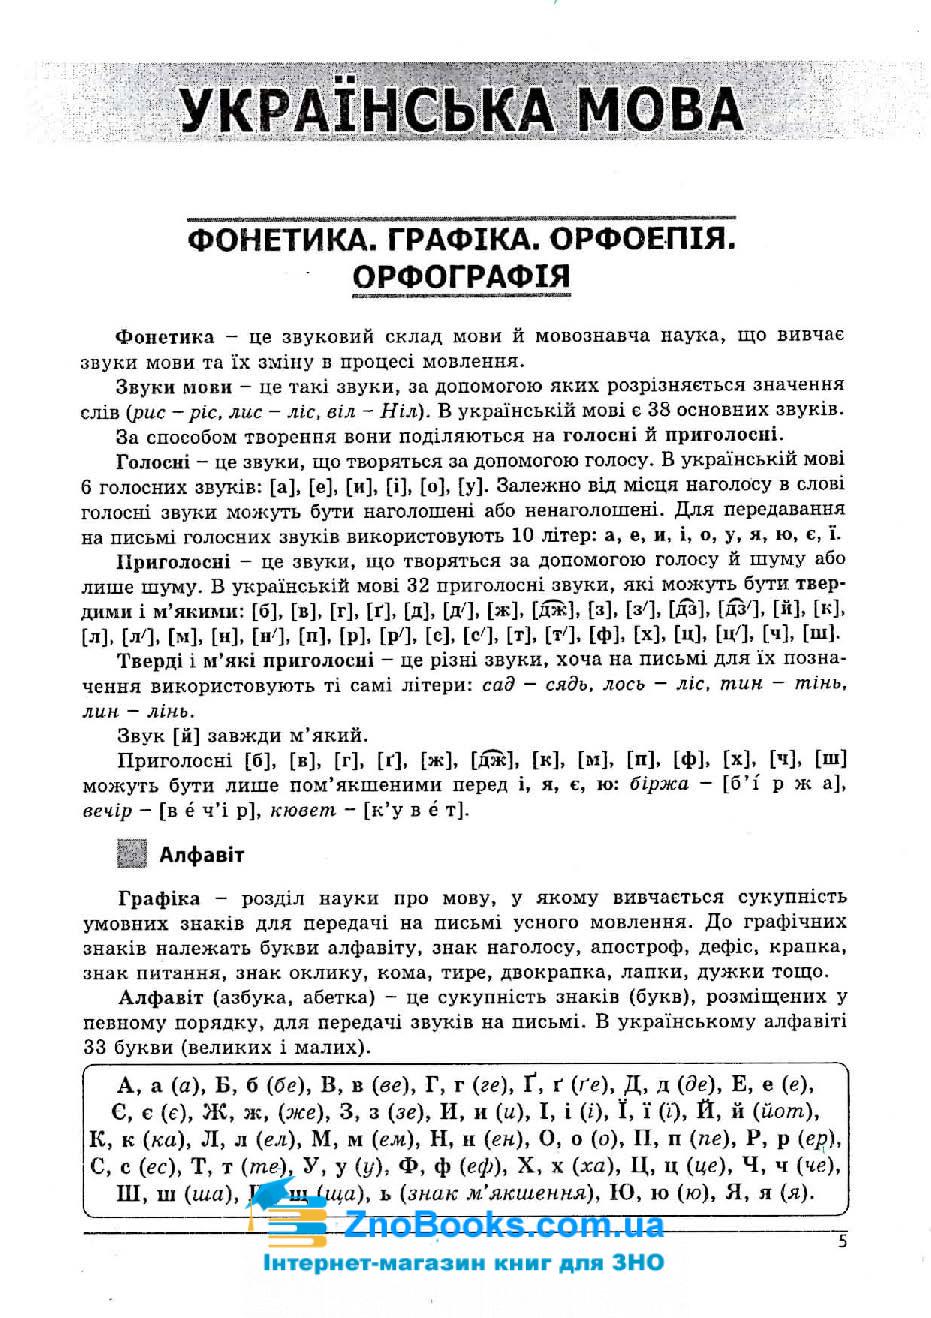 Українська мова та література ЗНО 2020. Довідник + тести : Куриліна О. Абетка. купити 5